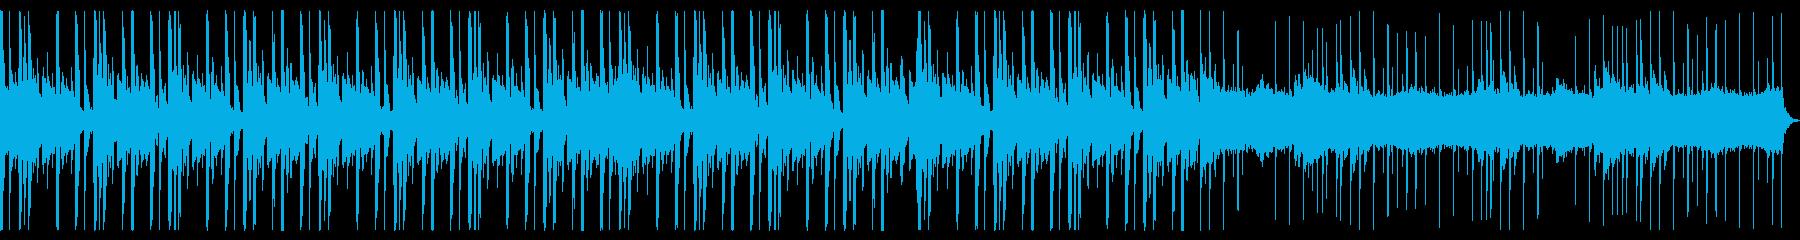 緊迫、バイオレンス、ヒップホップ②ループの再生済みの波形